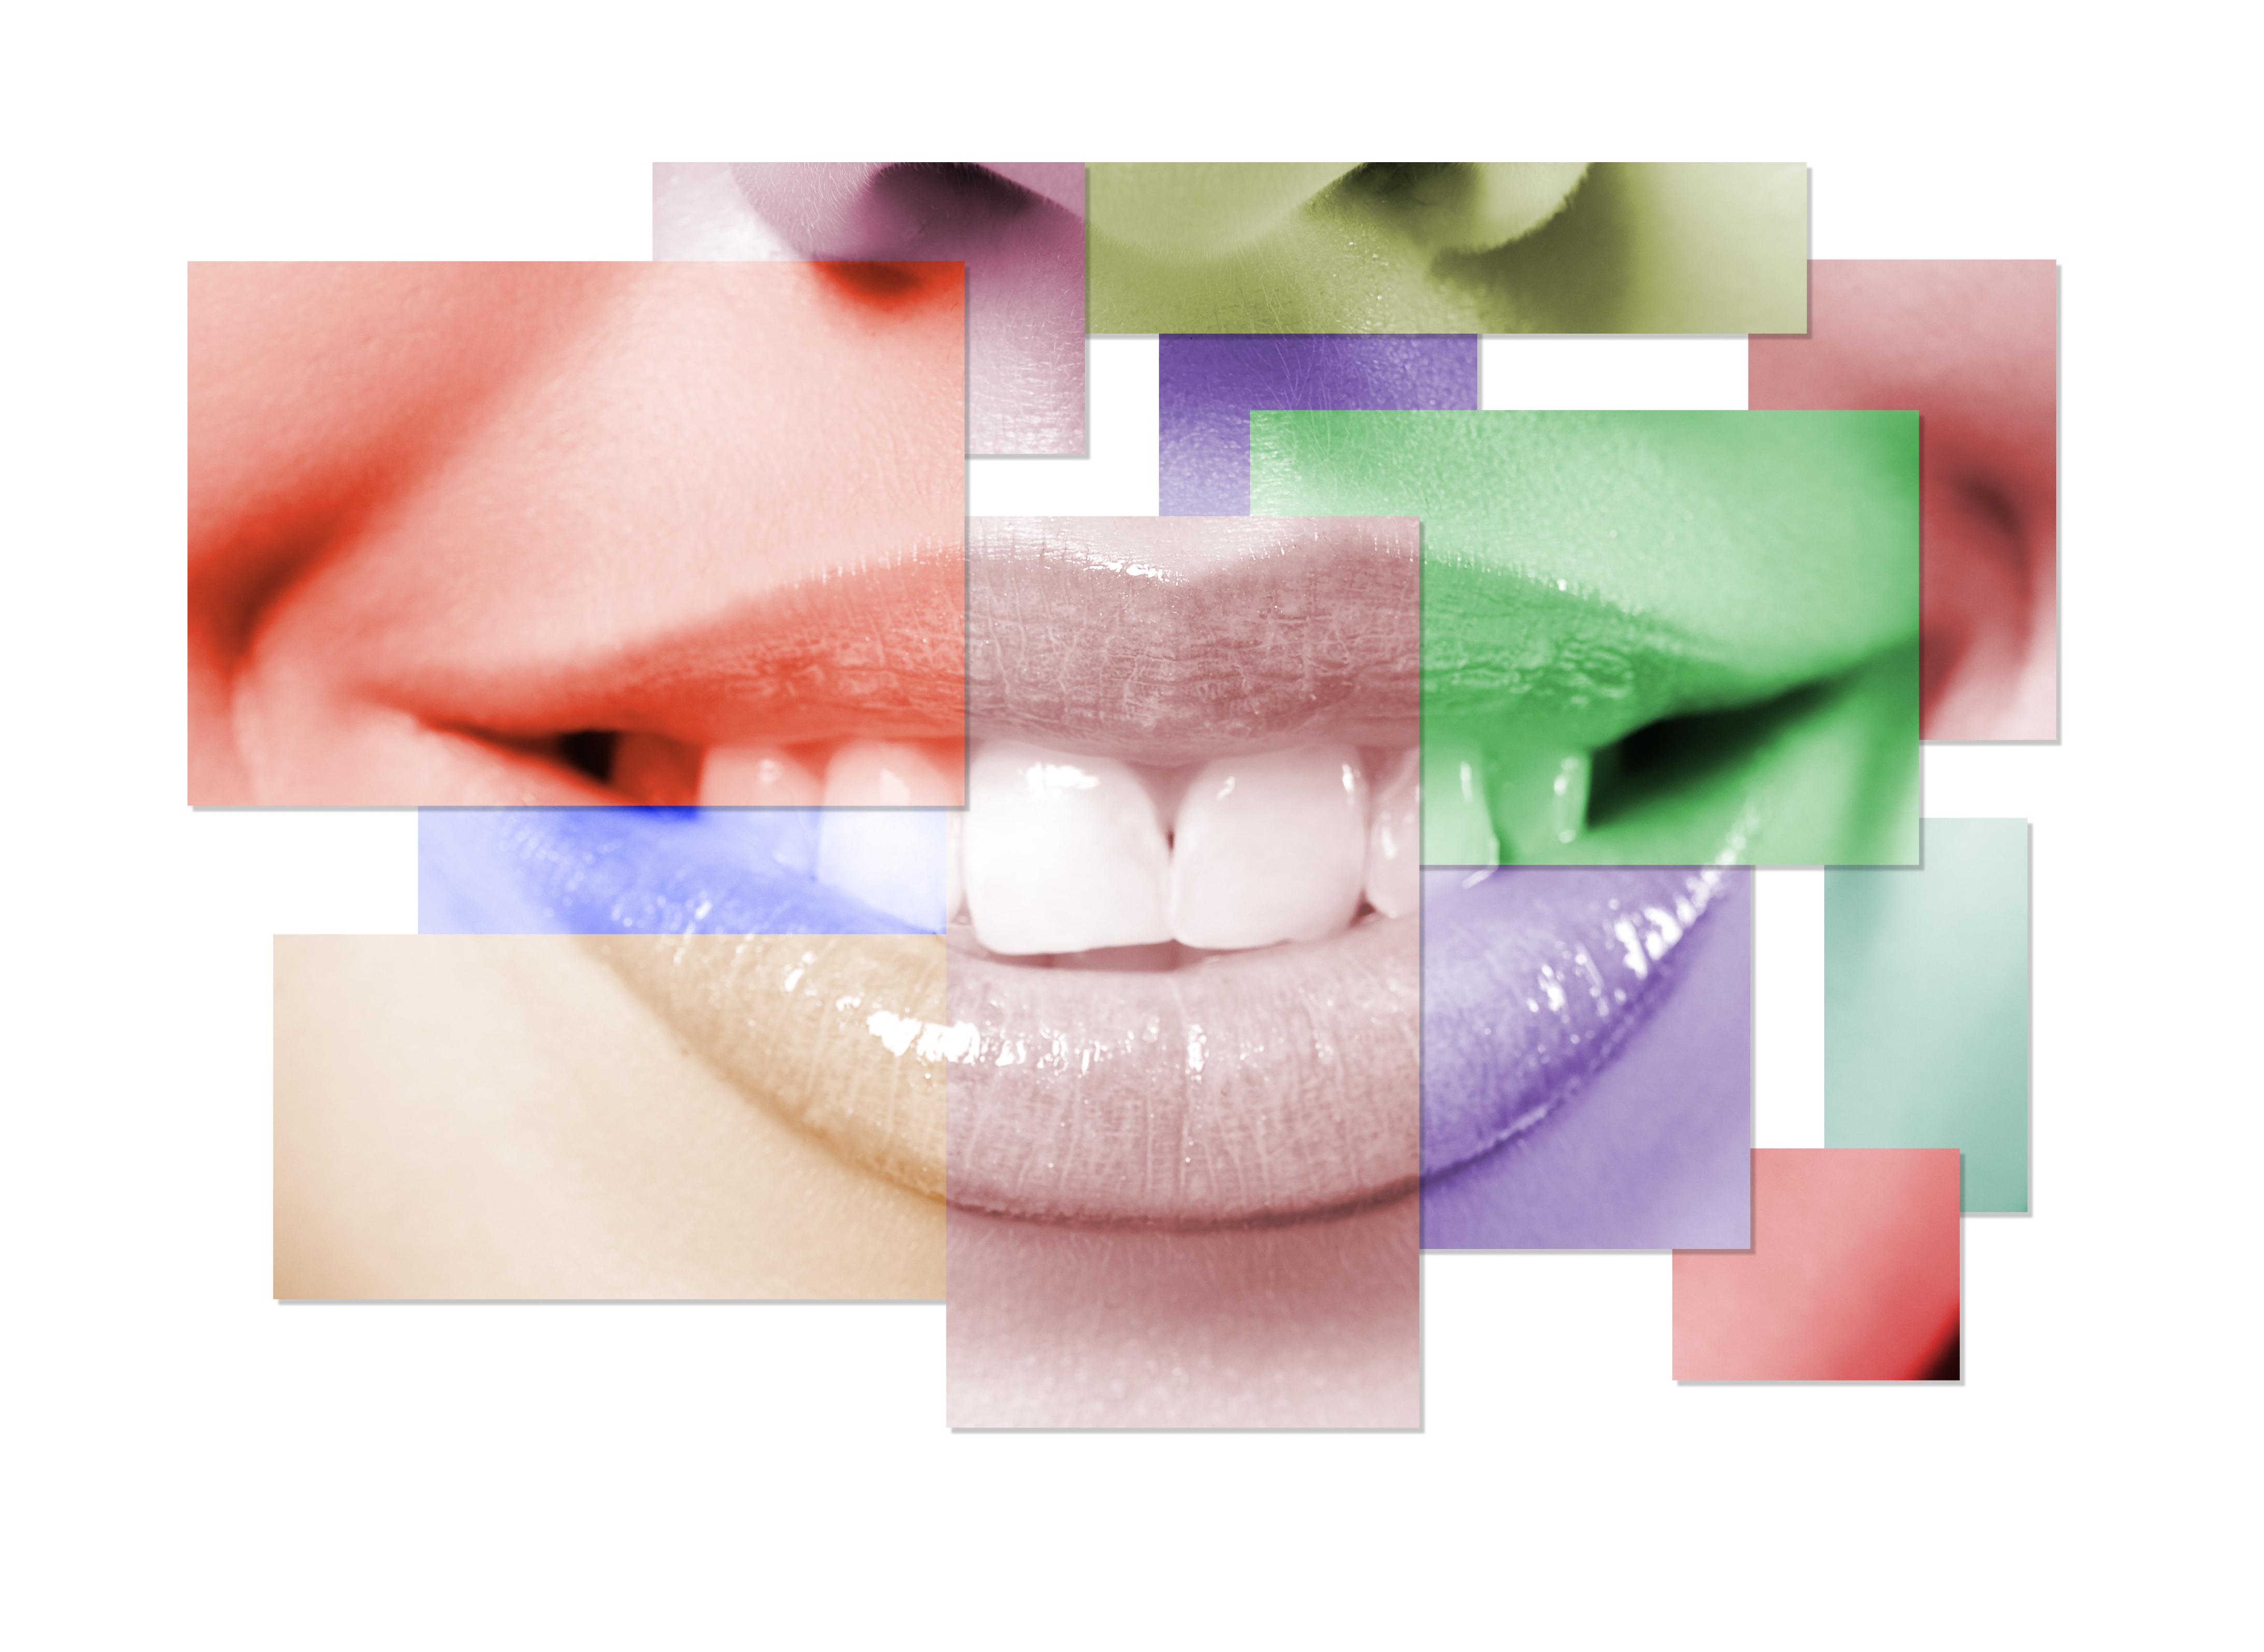 Regl Döneminde Ağzınızı Çalkalayın